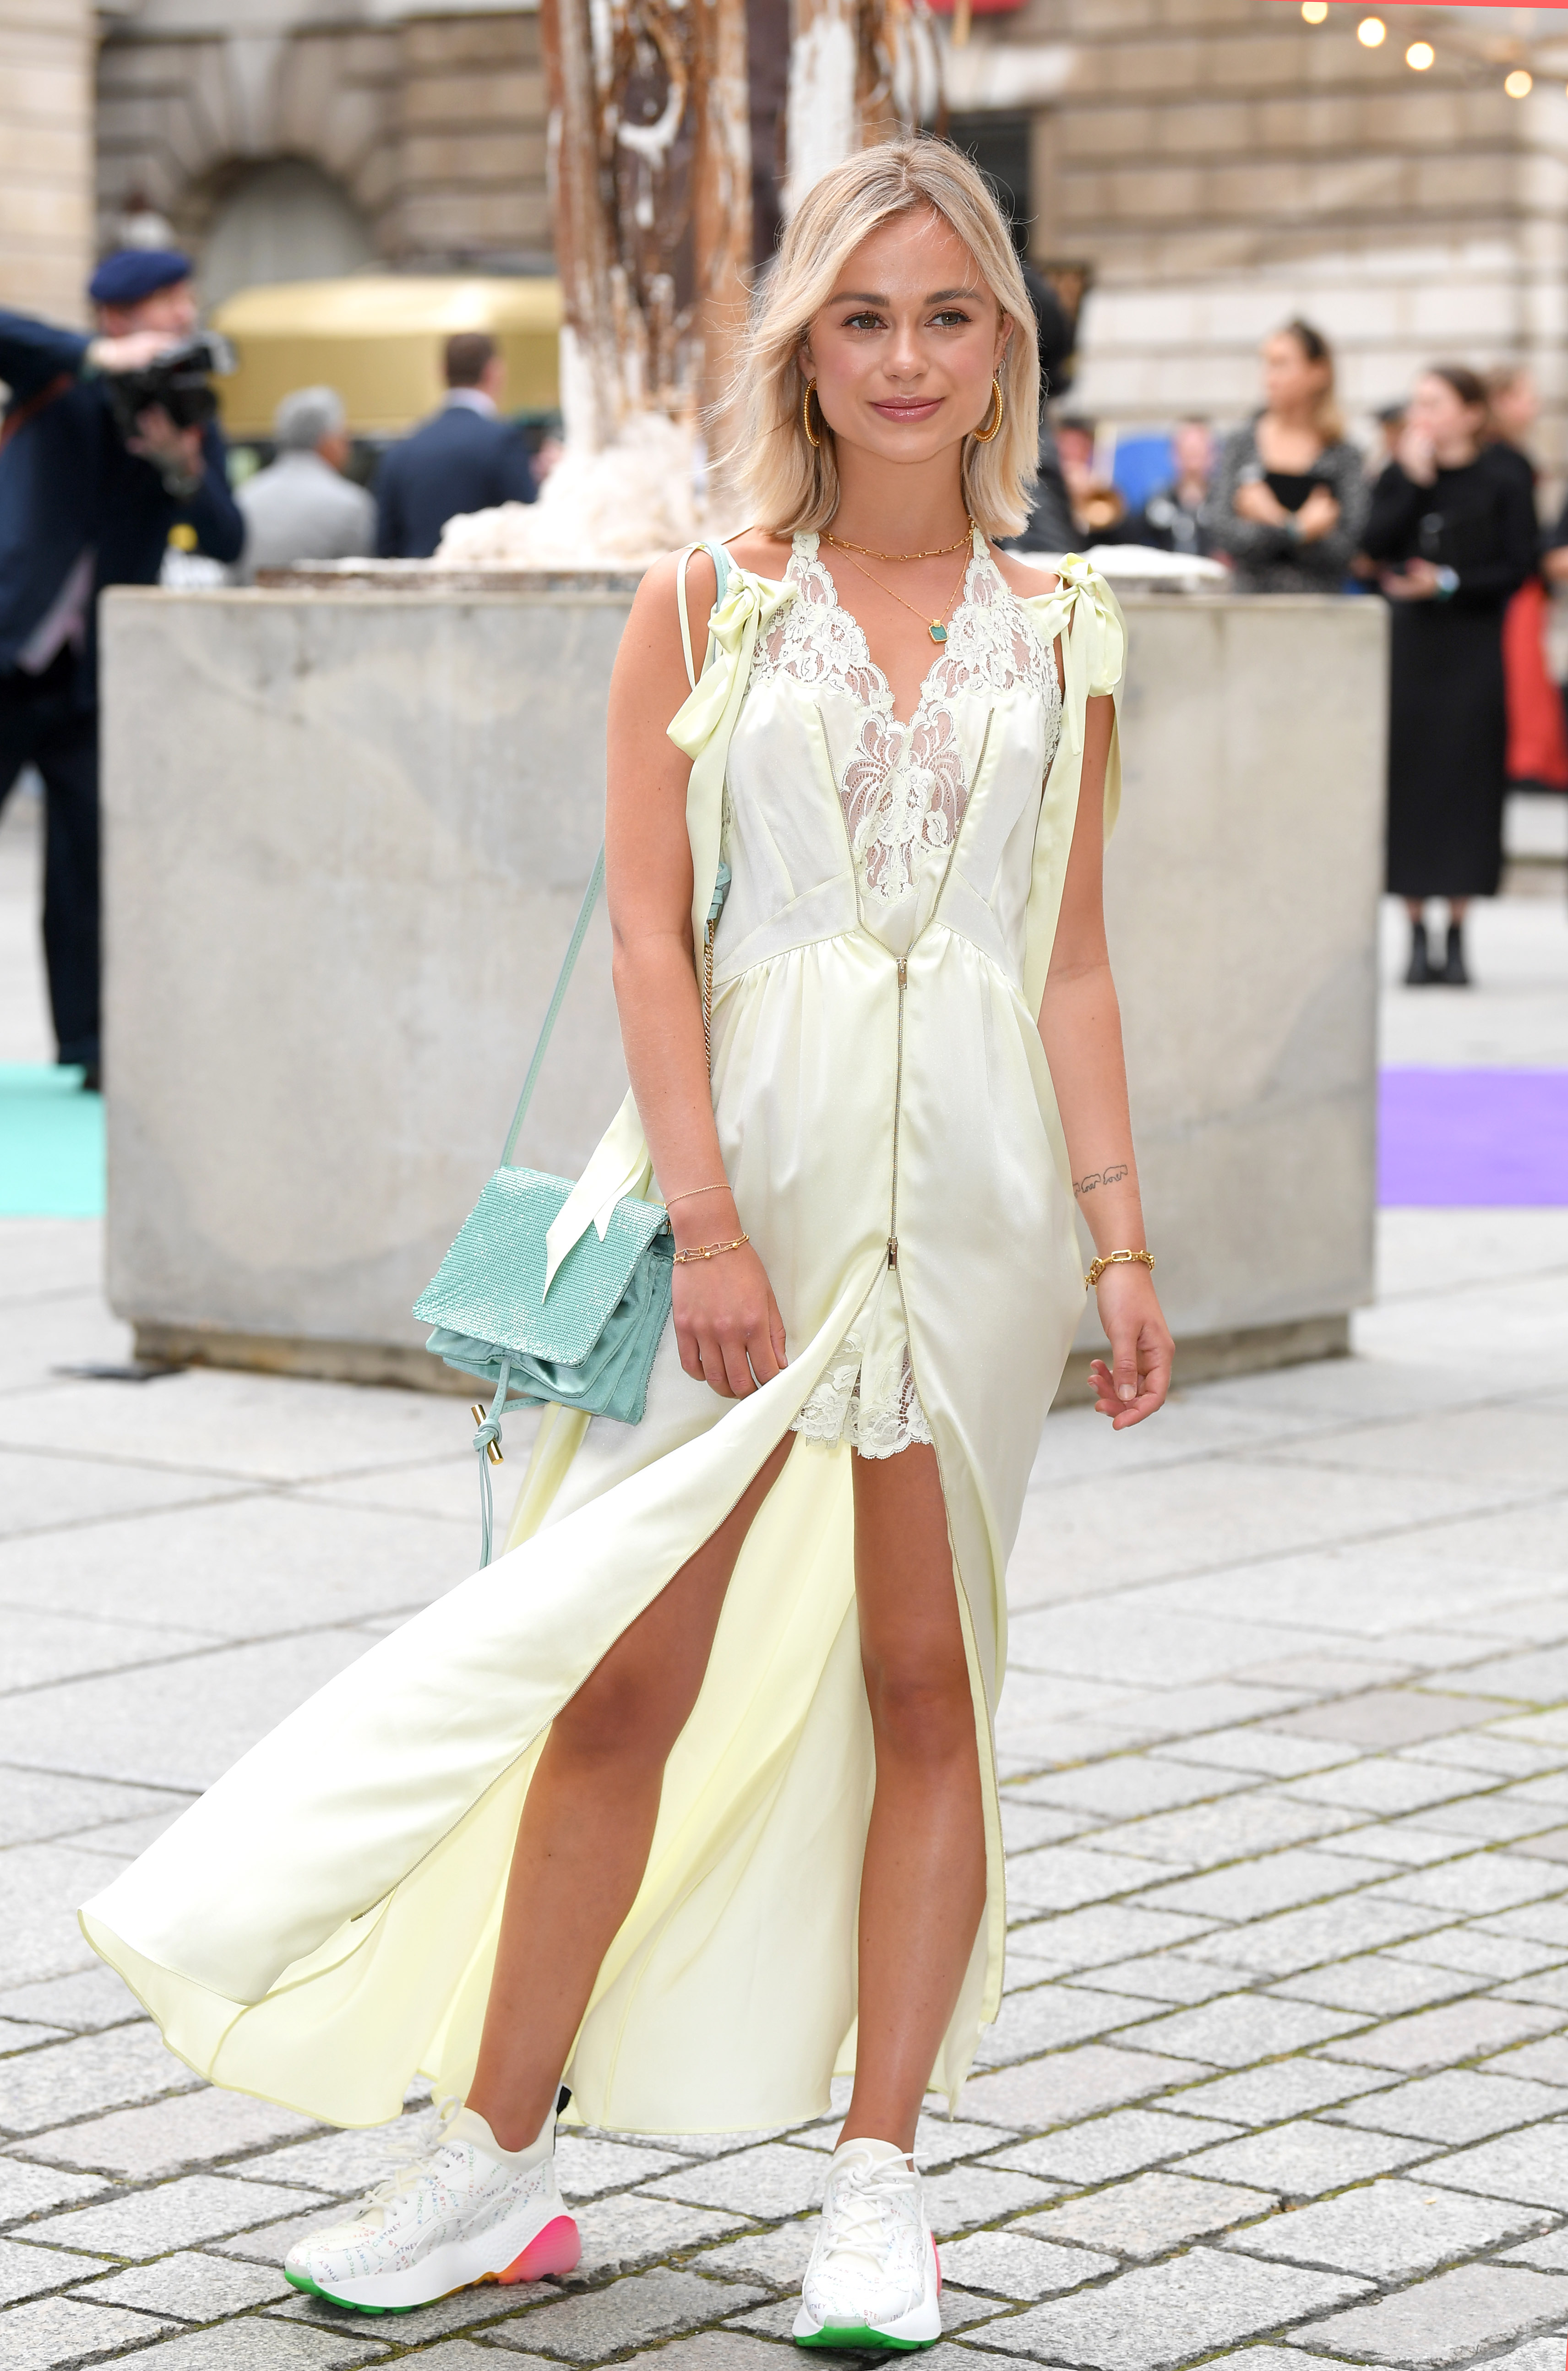 Foto da Lady Amelia Windsor no tapete vermelho da exposição de verão da Royal Academy of Arts. Ela usa um vestido de renda na cor verde menta com laços no ombro, bolsa azul e tênis branco com detalhes rosa e verde. Ela olha para o lado e sorri.